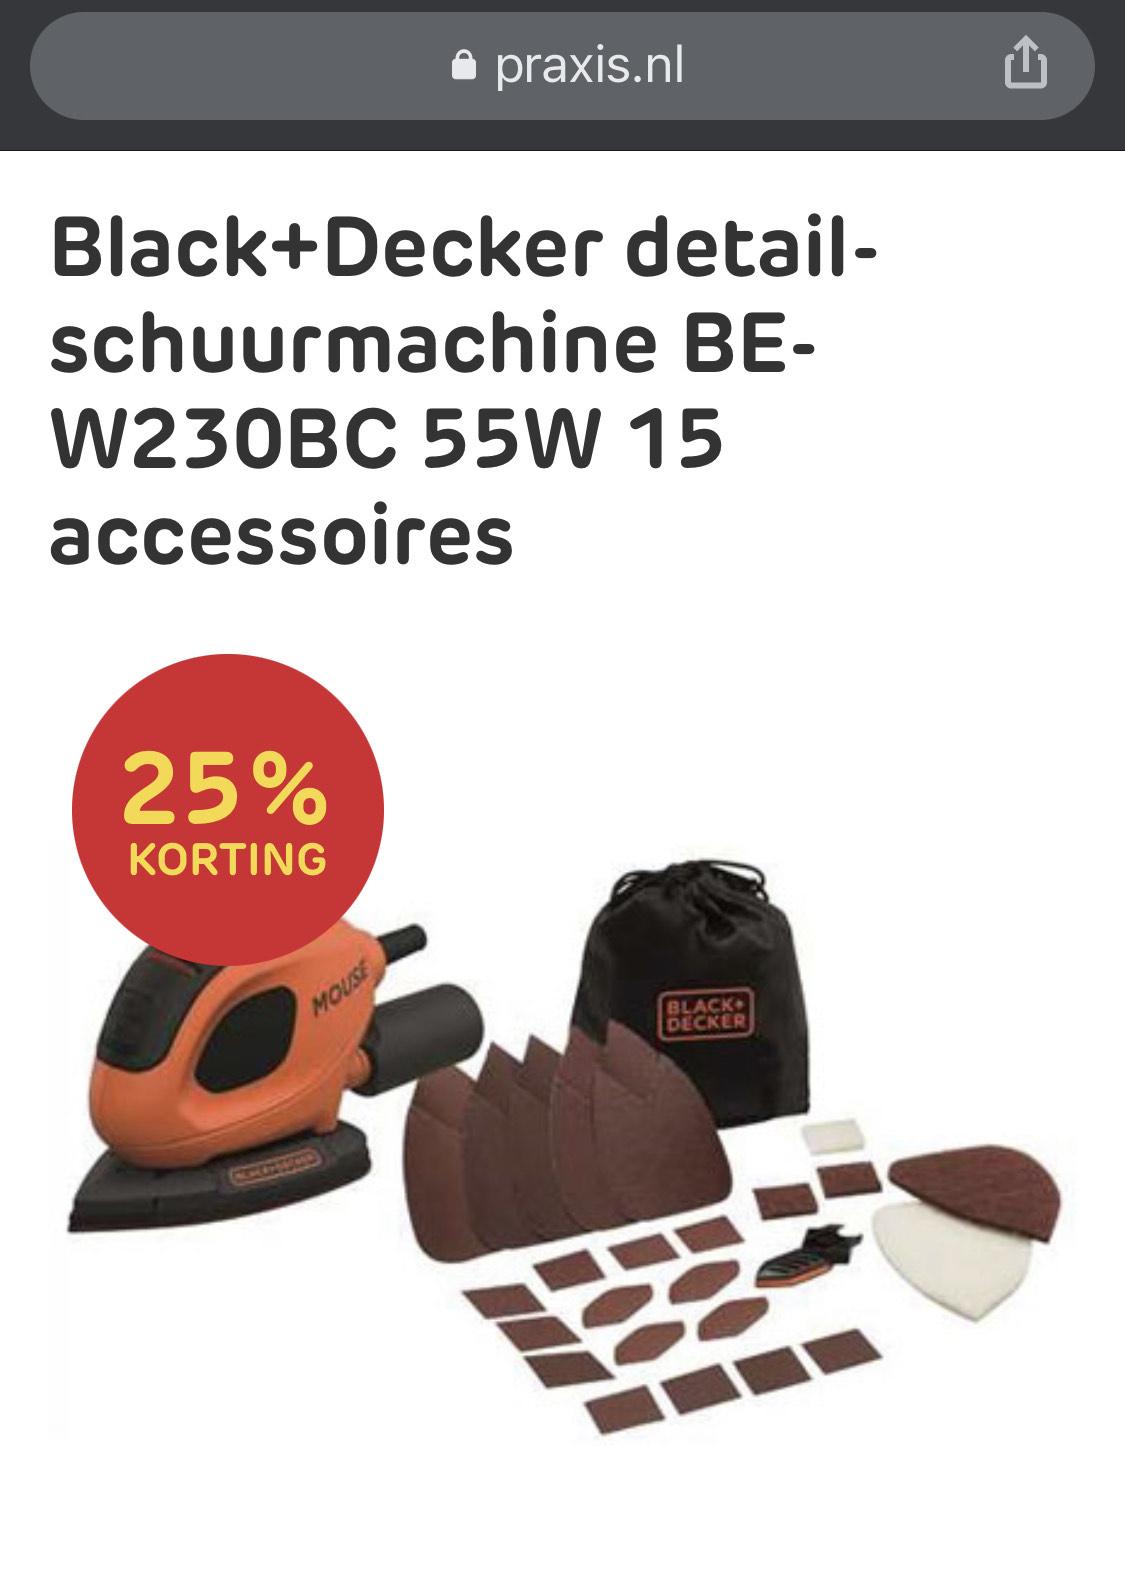 Black+Decker detail schuurmachine met accessoires